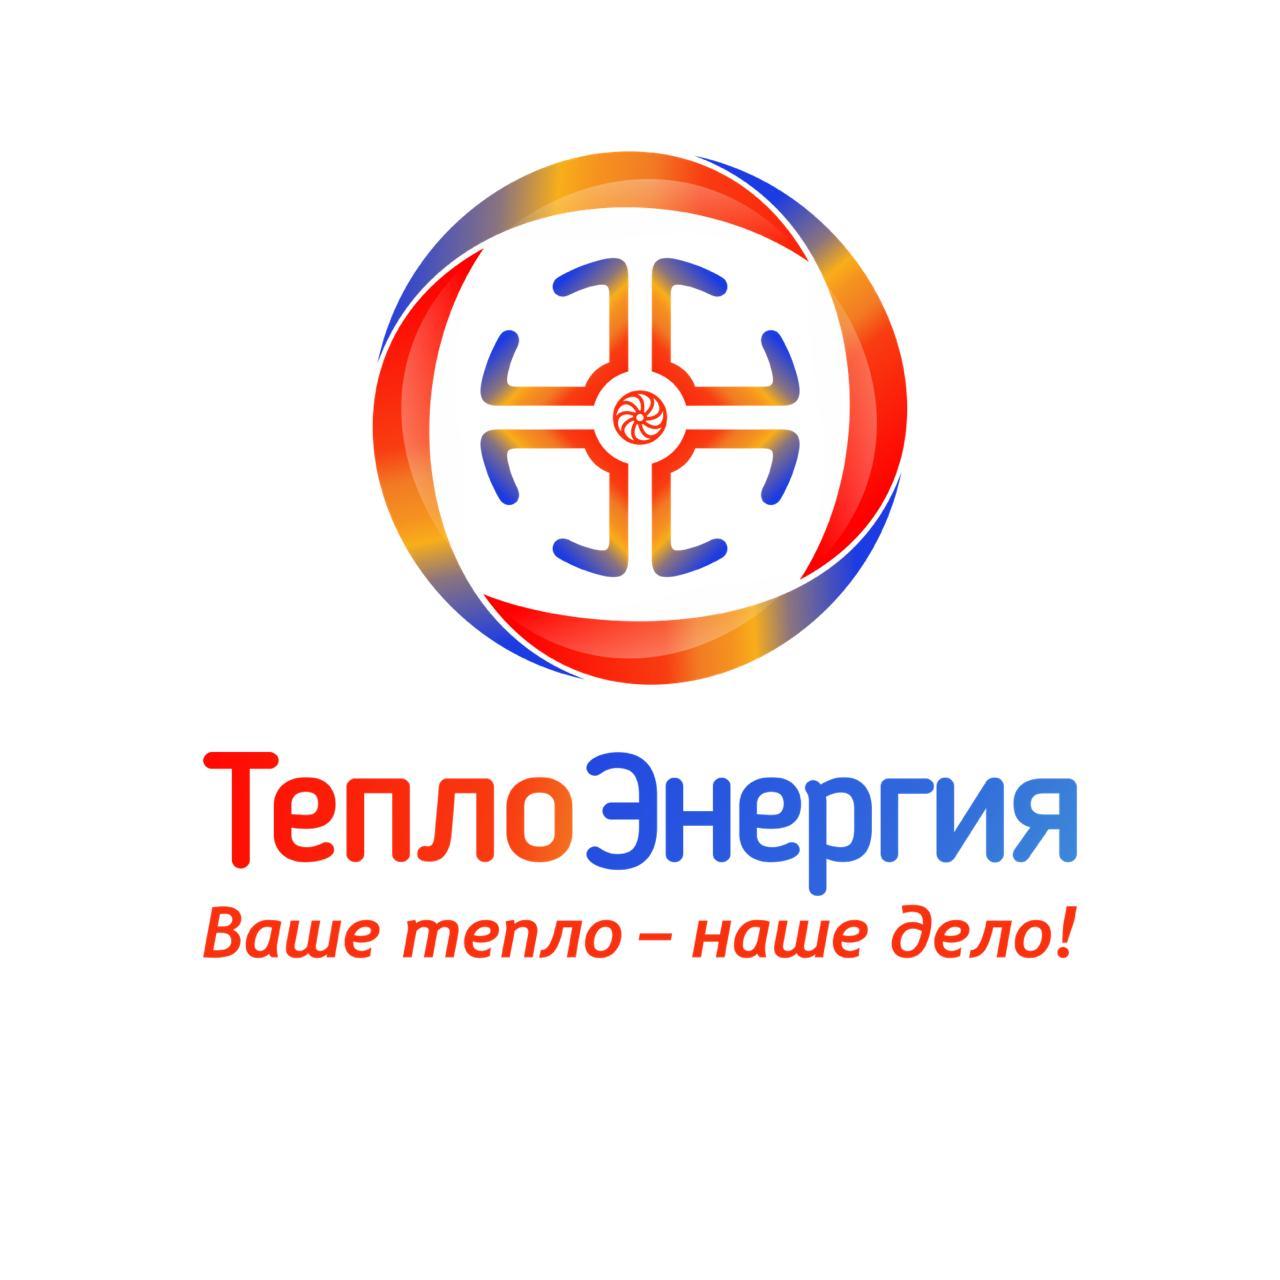 АО «Теплоэнергия» включено в перечень системообразующих предприятий Якутии